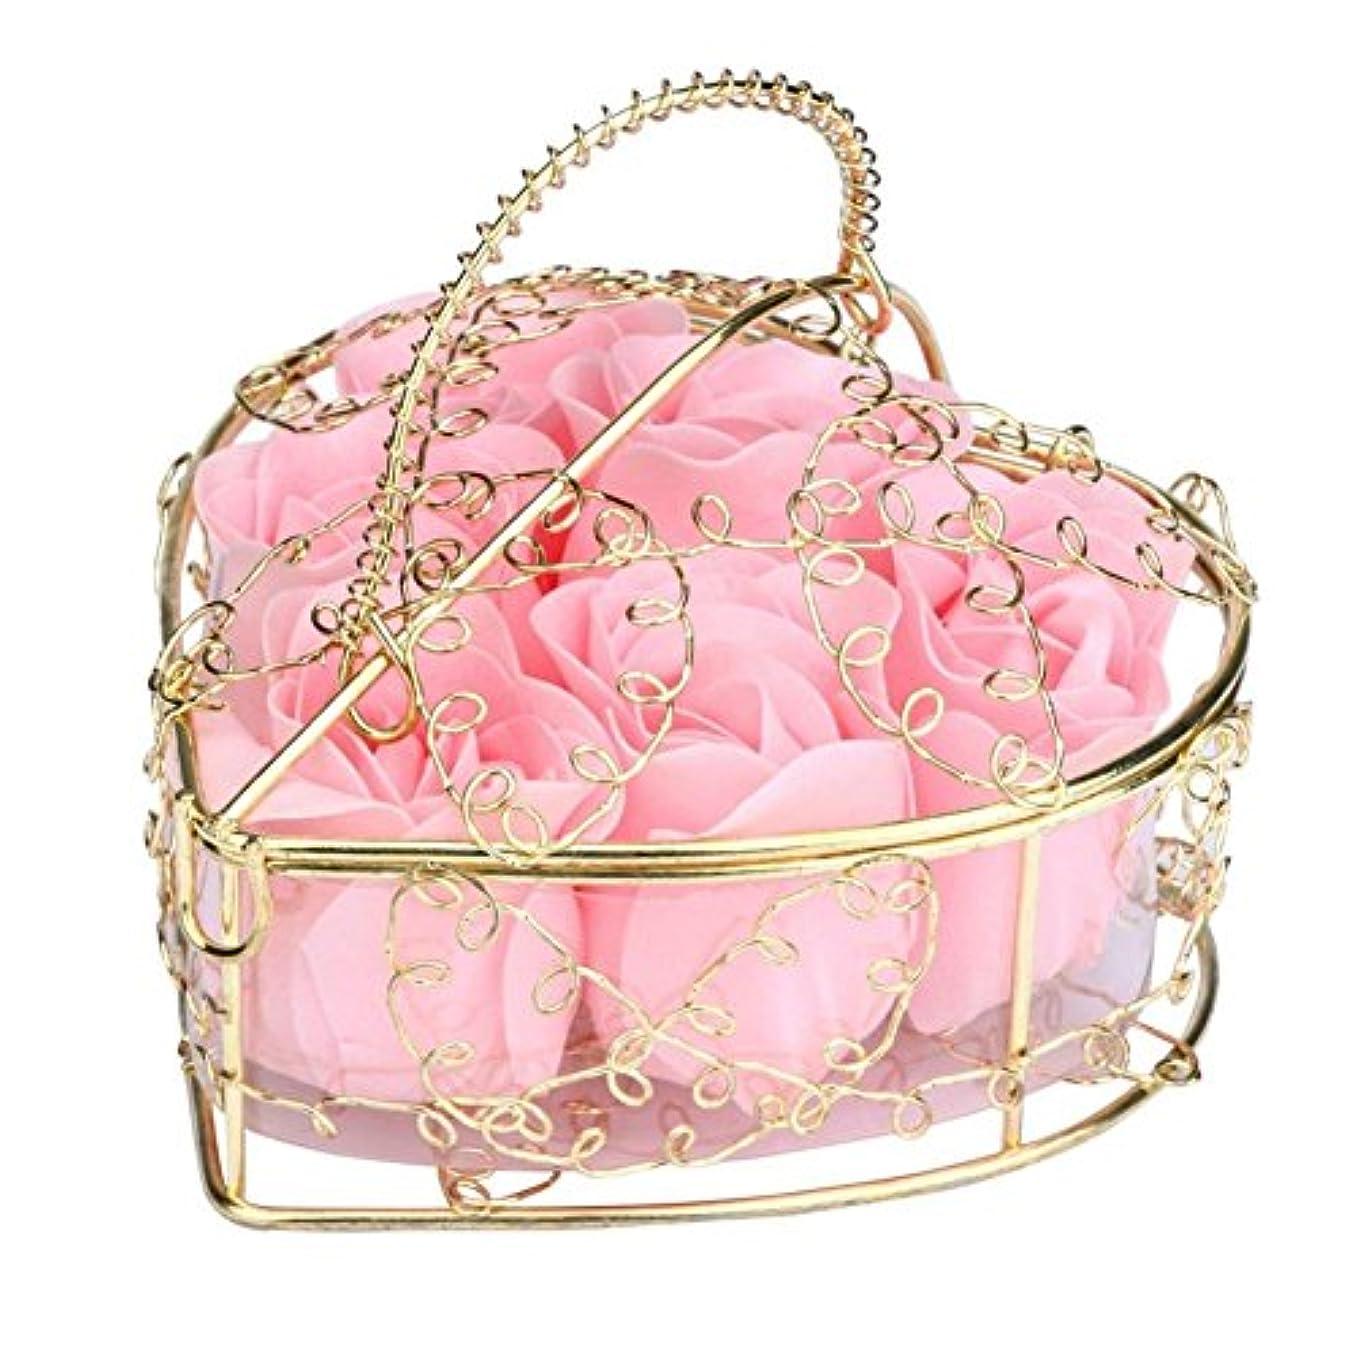 リフレッシュ機械的感謝しているSODIAL 6個の香り付きローズフラワー 花びらバス ボディソープ ウェディングパーティーギフト ホームDIYデコレーション(ピンク)